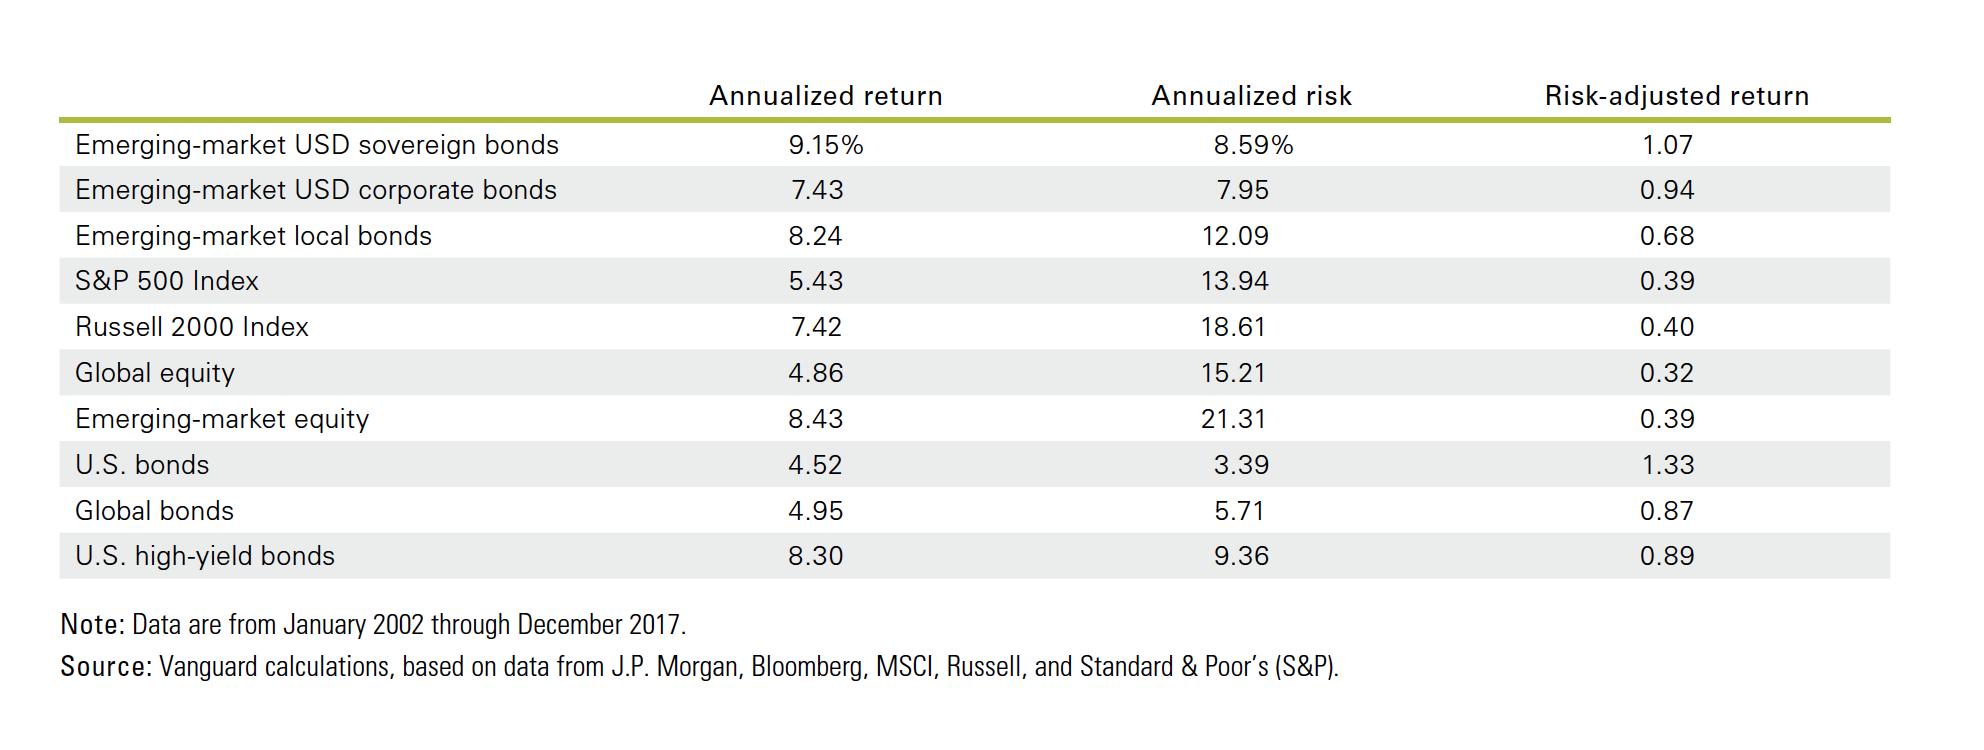 Emerging market bond returns versus other global assets in table form.